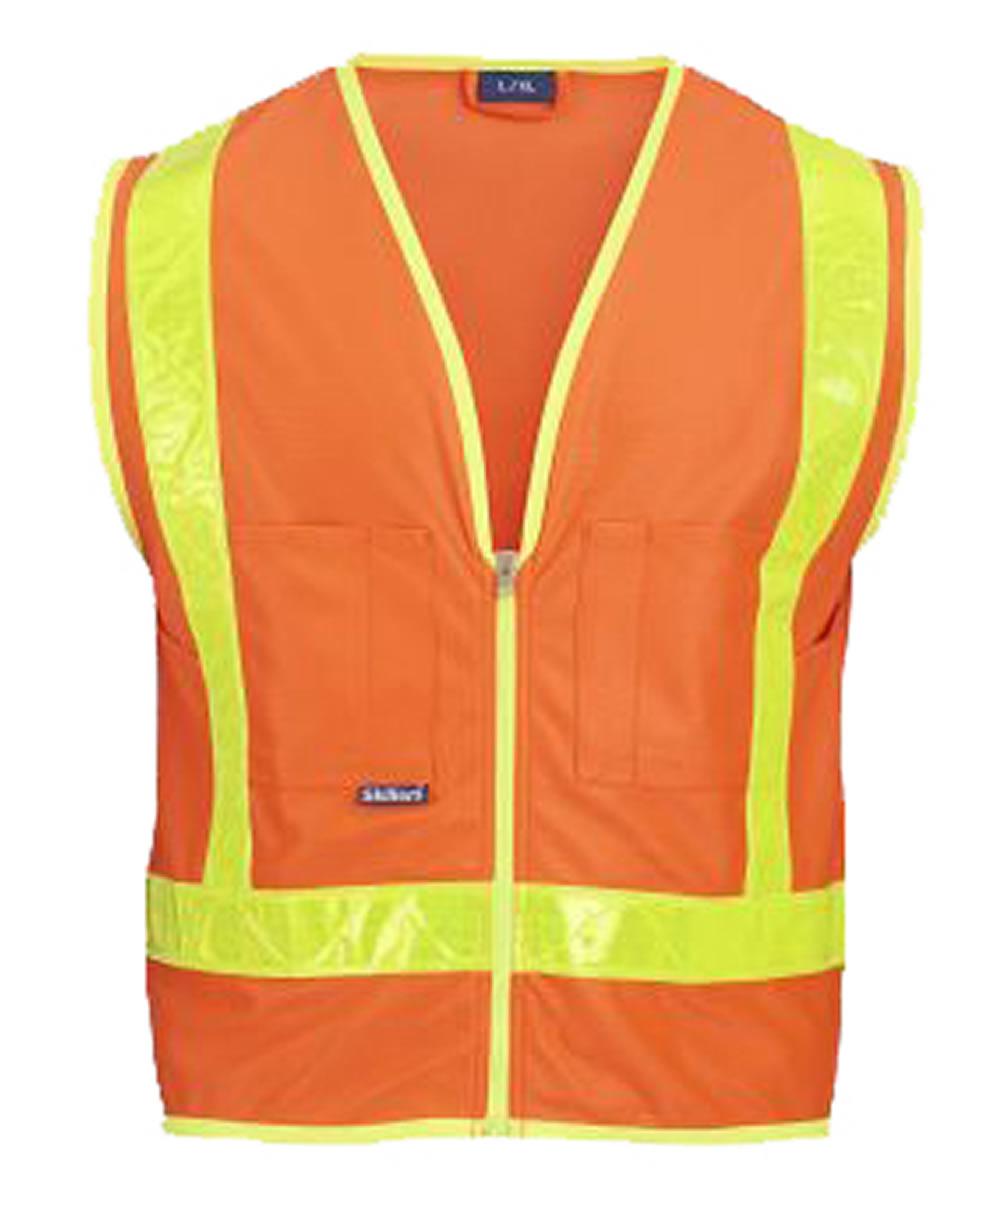 Skillers High Visibility Safety Vest – Orange Solid Vest